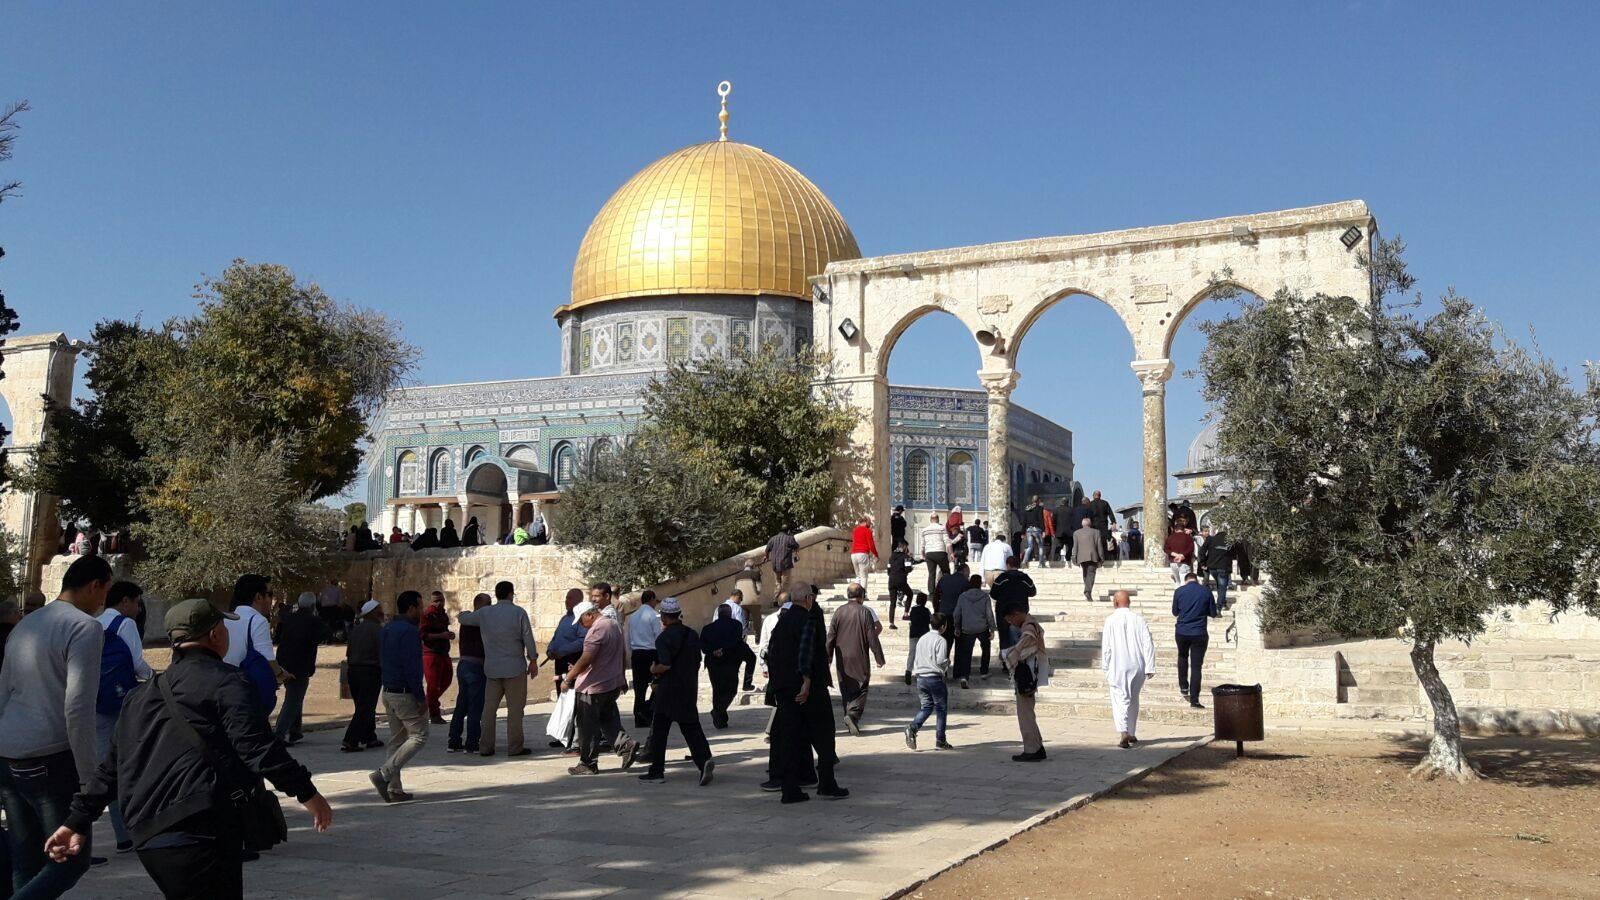 صورة المدير العام للإيسيسكو يشيد بمبادرة الملك في ترميم المسجد الأقصى